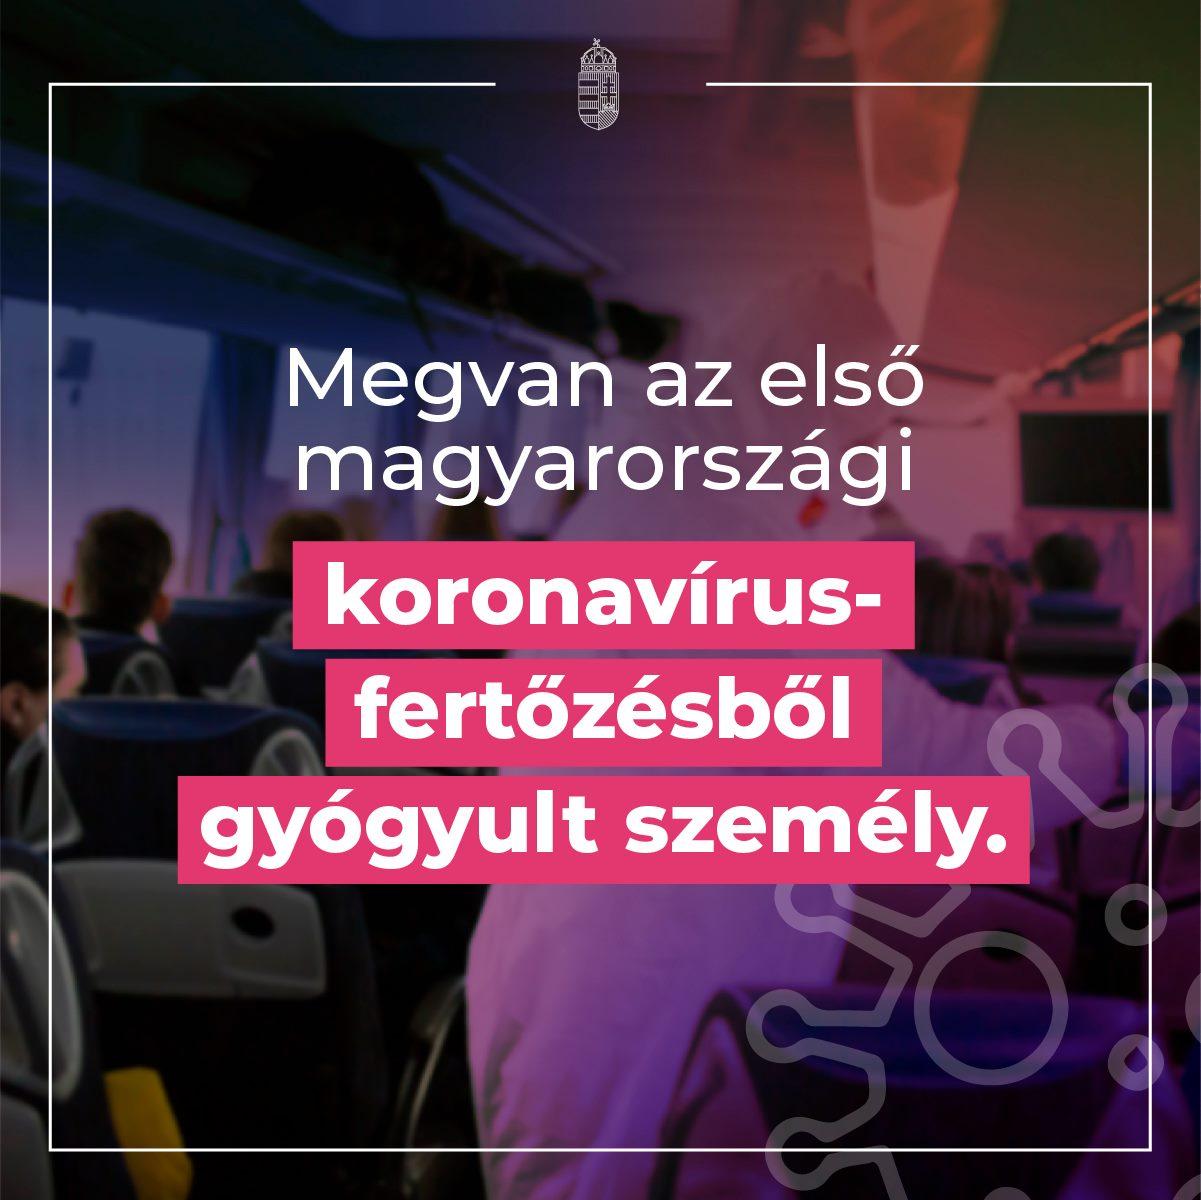 Megvan az első magyarországi koronavírus-fertőzésből gyógyult személy.